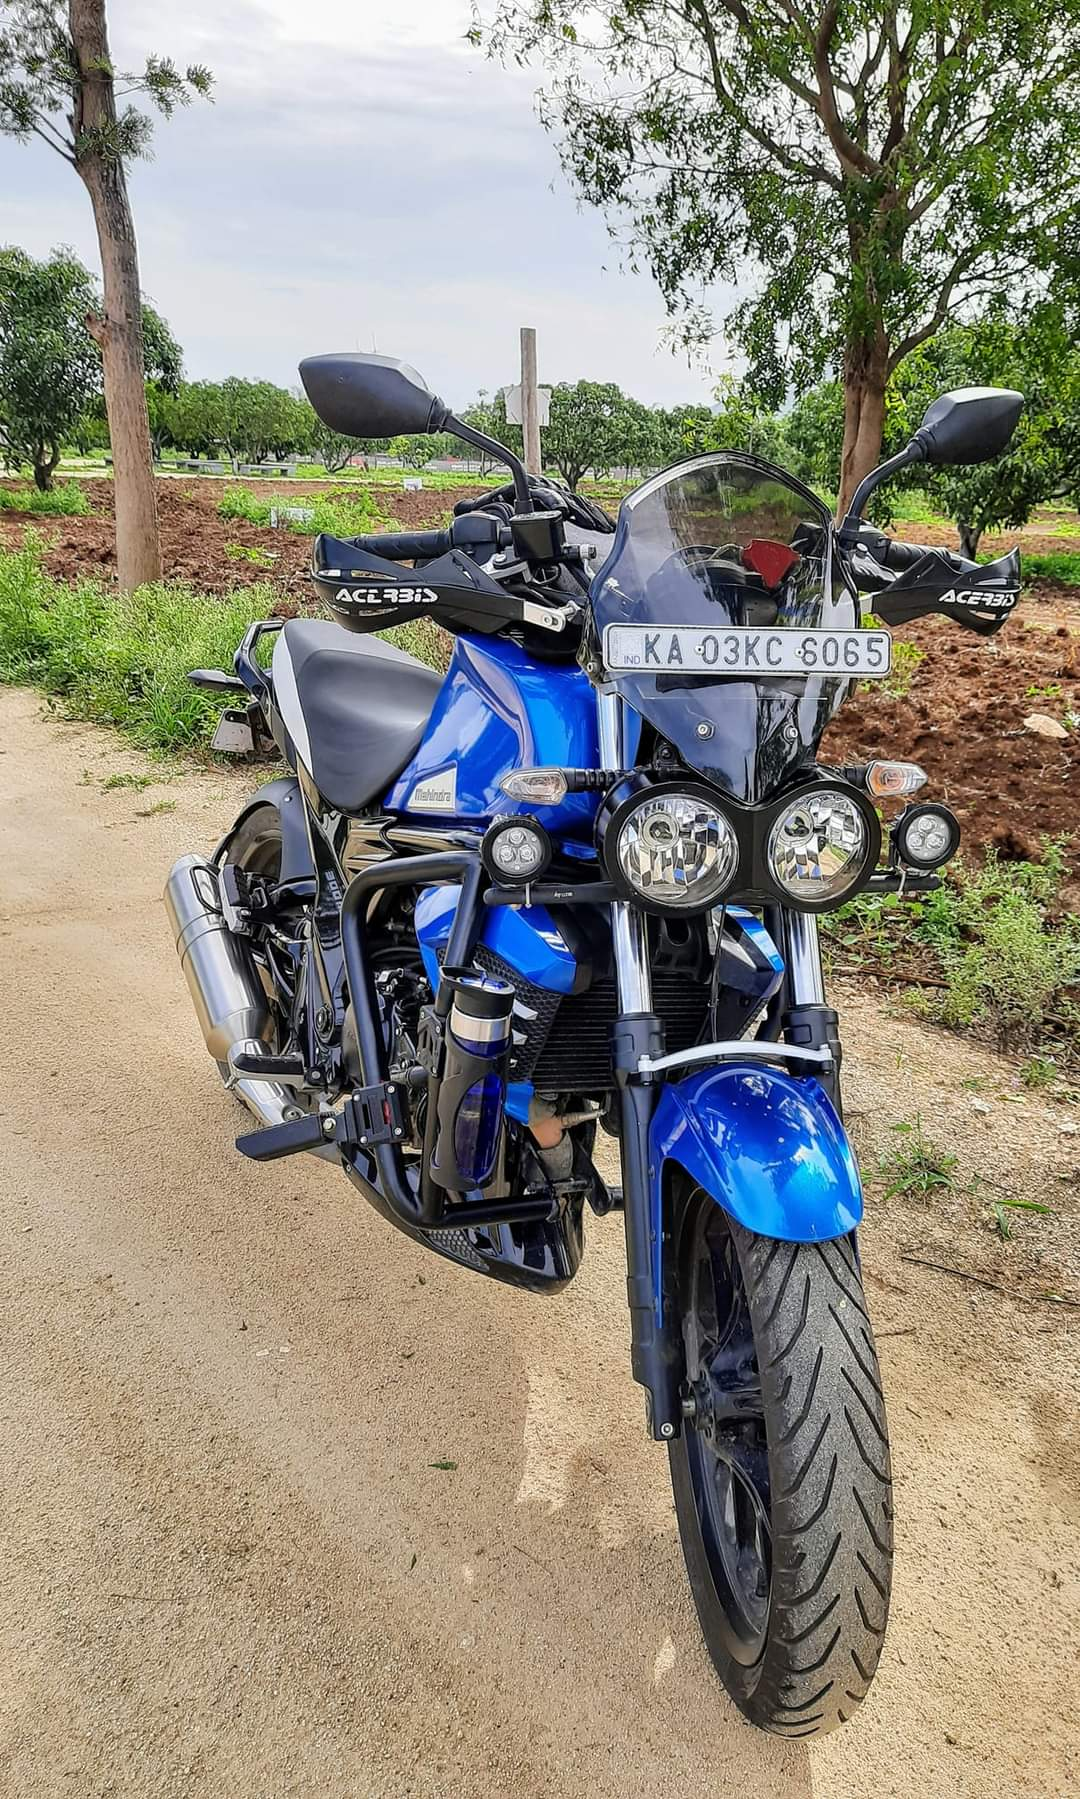 BS6 Mahindra Mojo 300 ABS